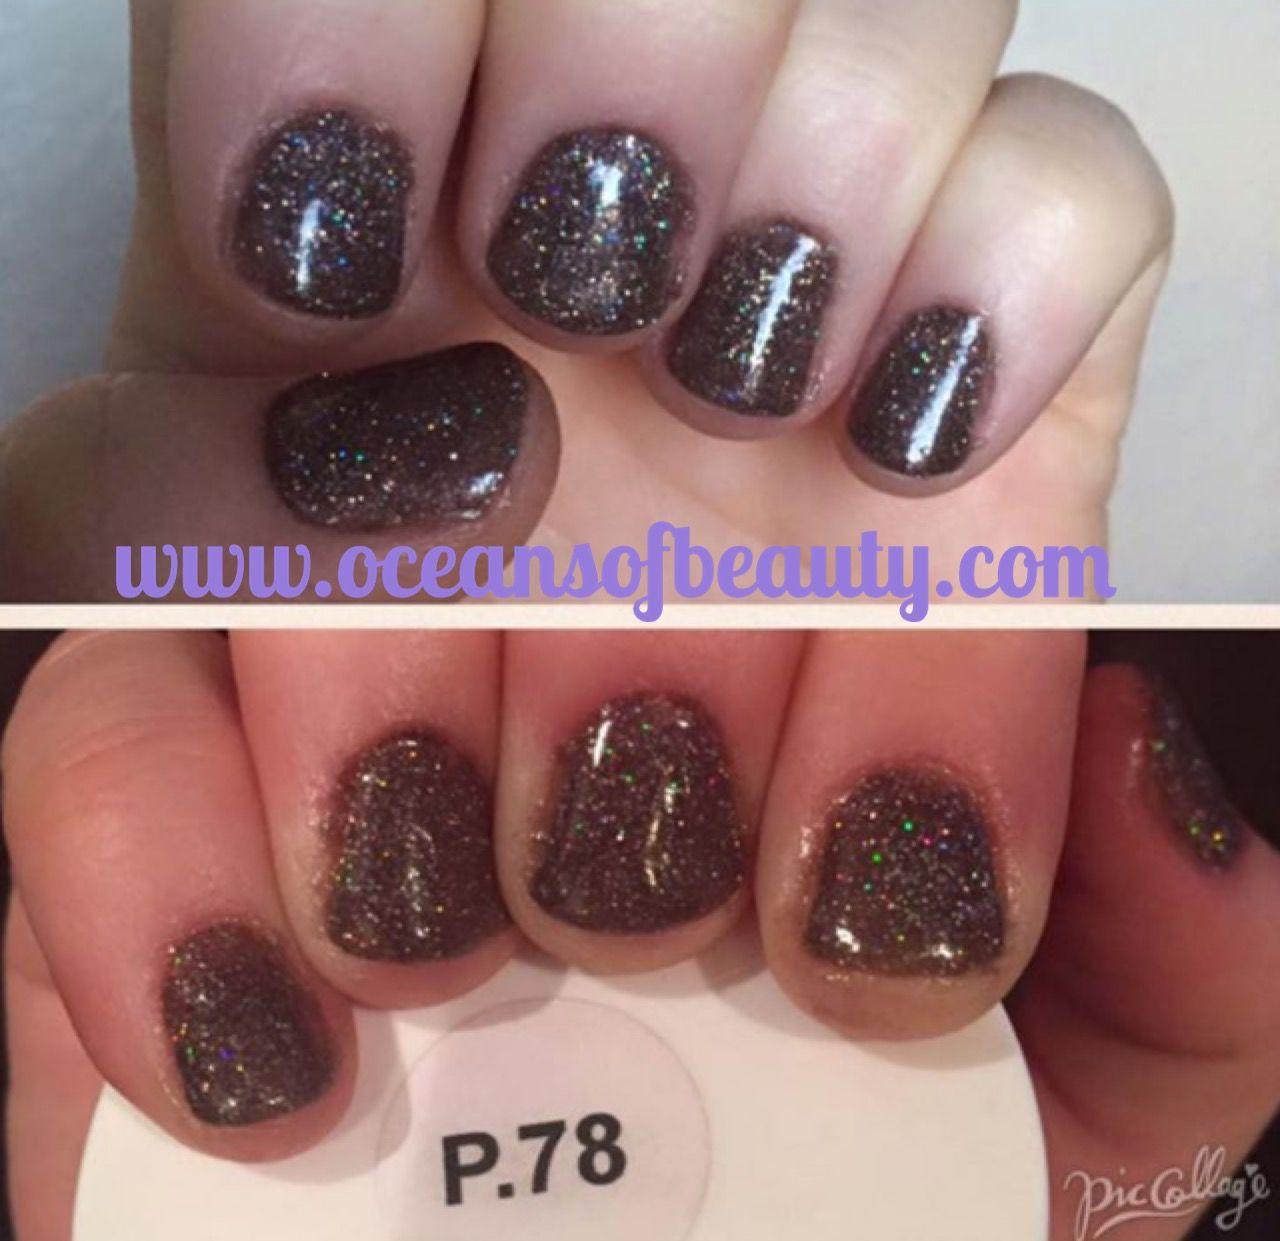 Famous Gel Dipped Nails Embellishment - Nail Art Ideas - morihati.com